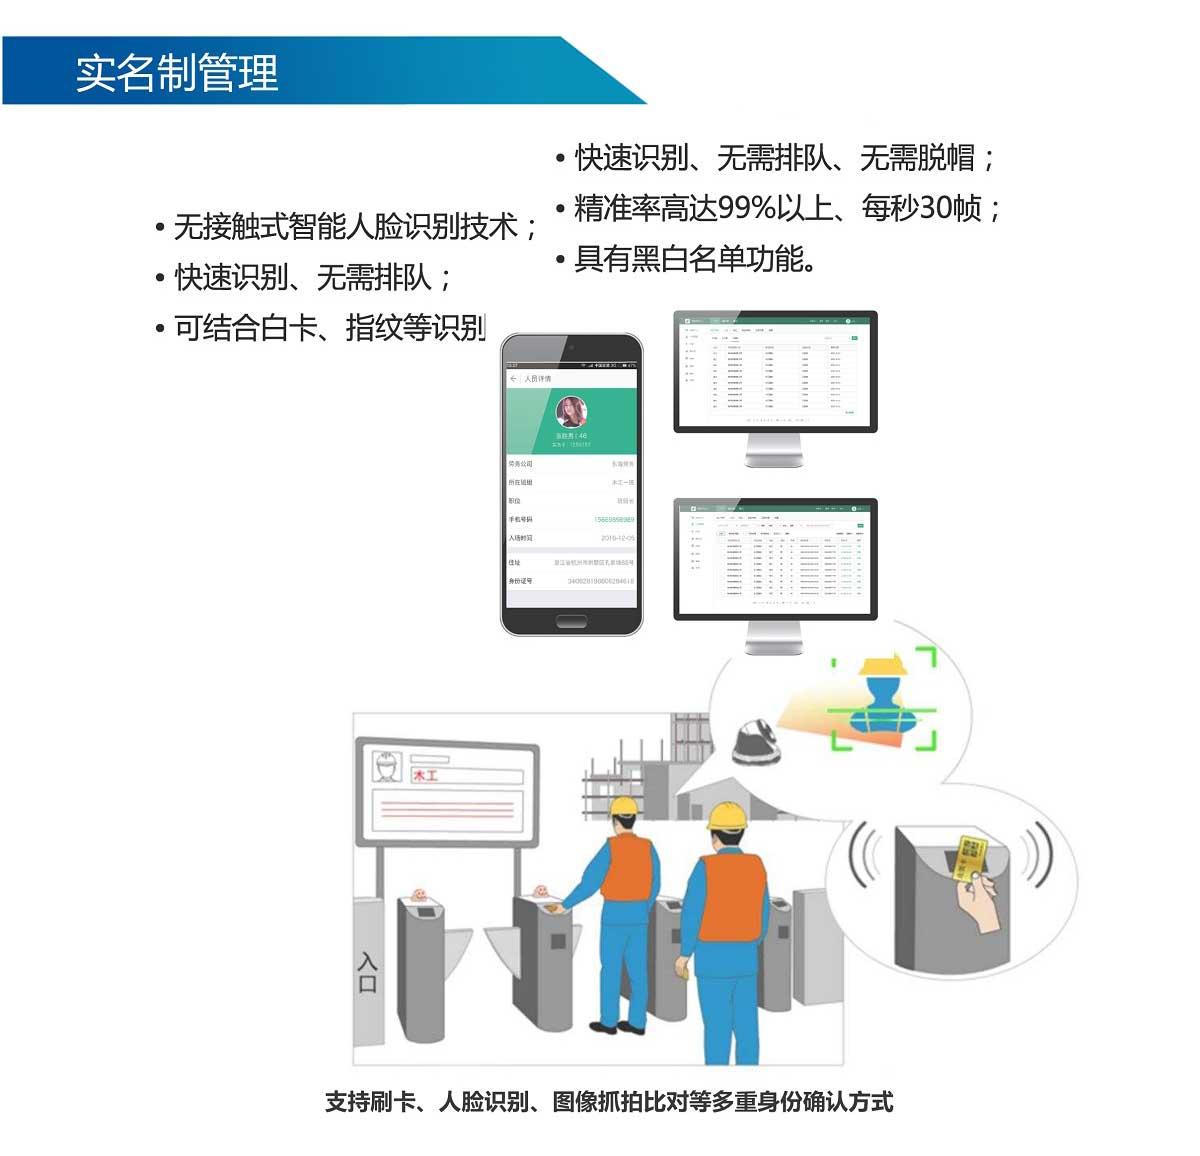 福建塔机安全监控管理系统